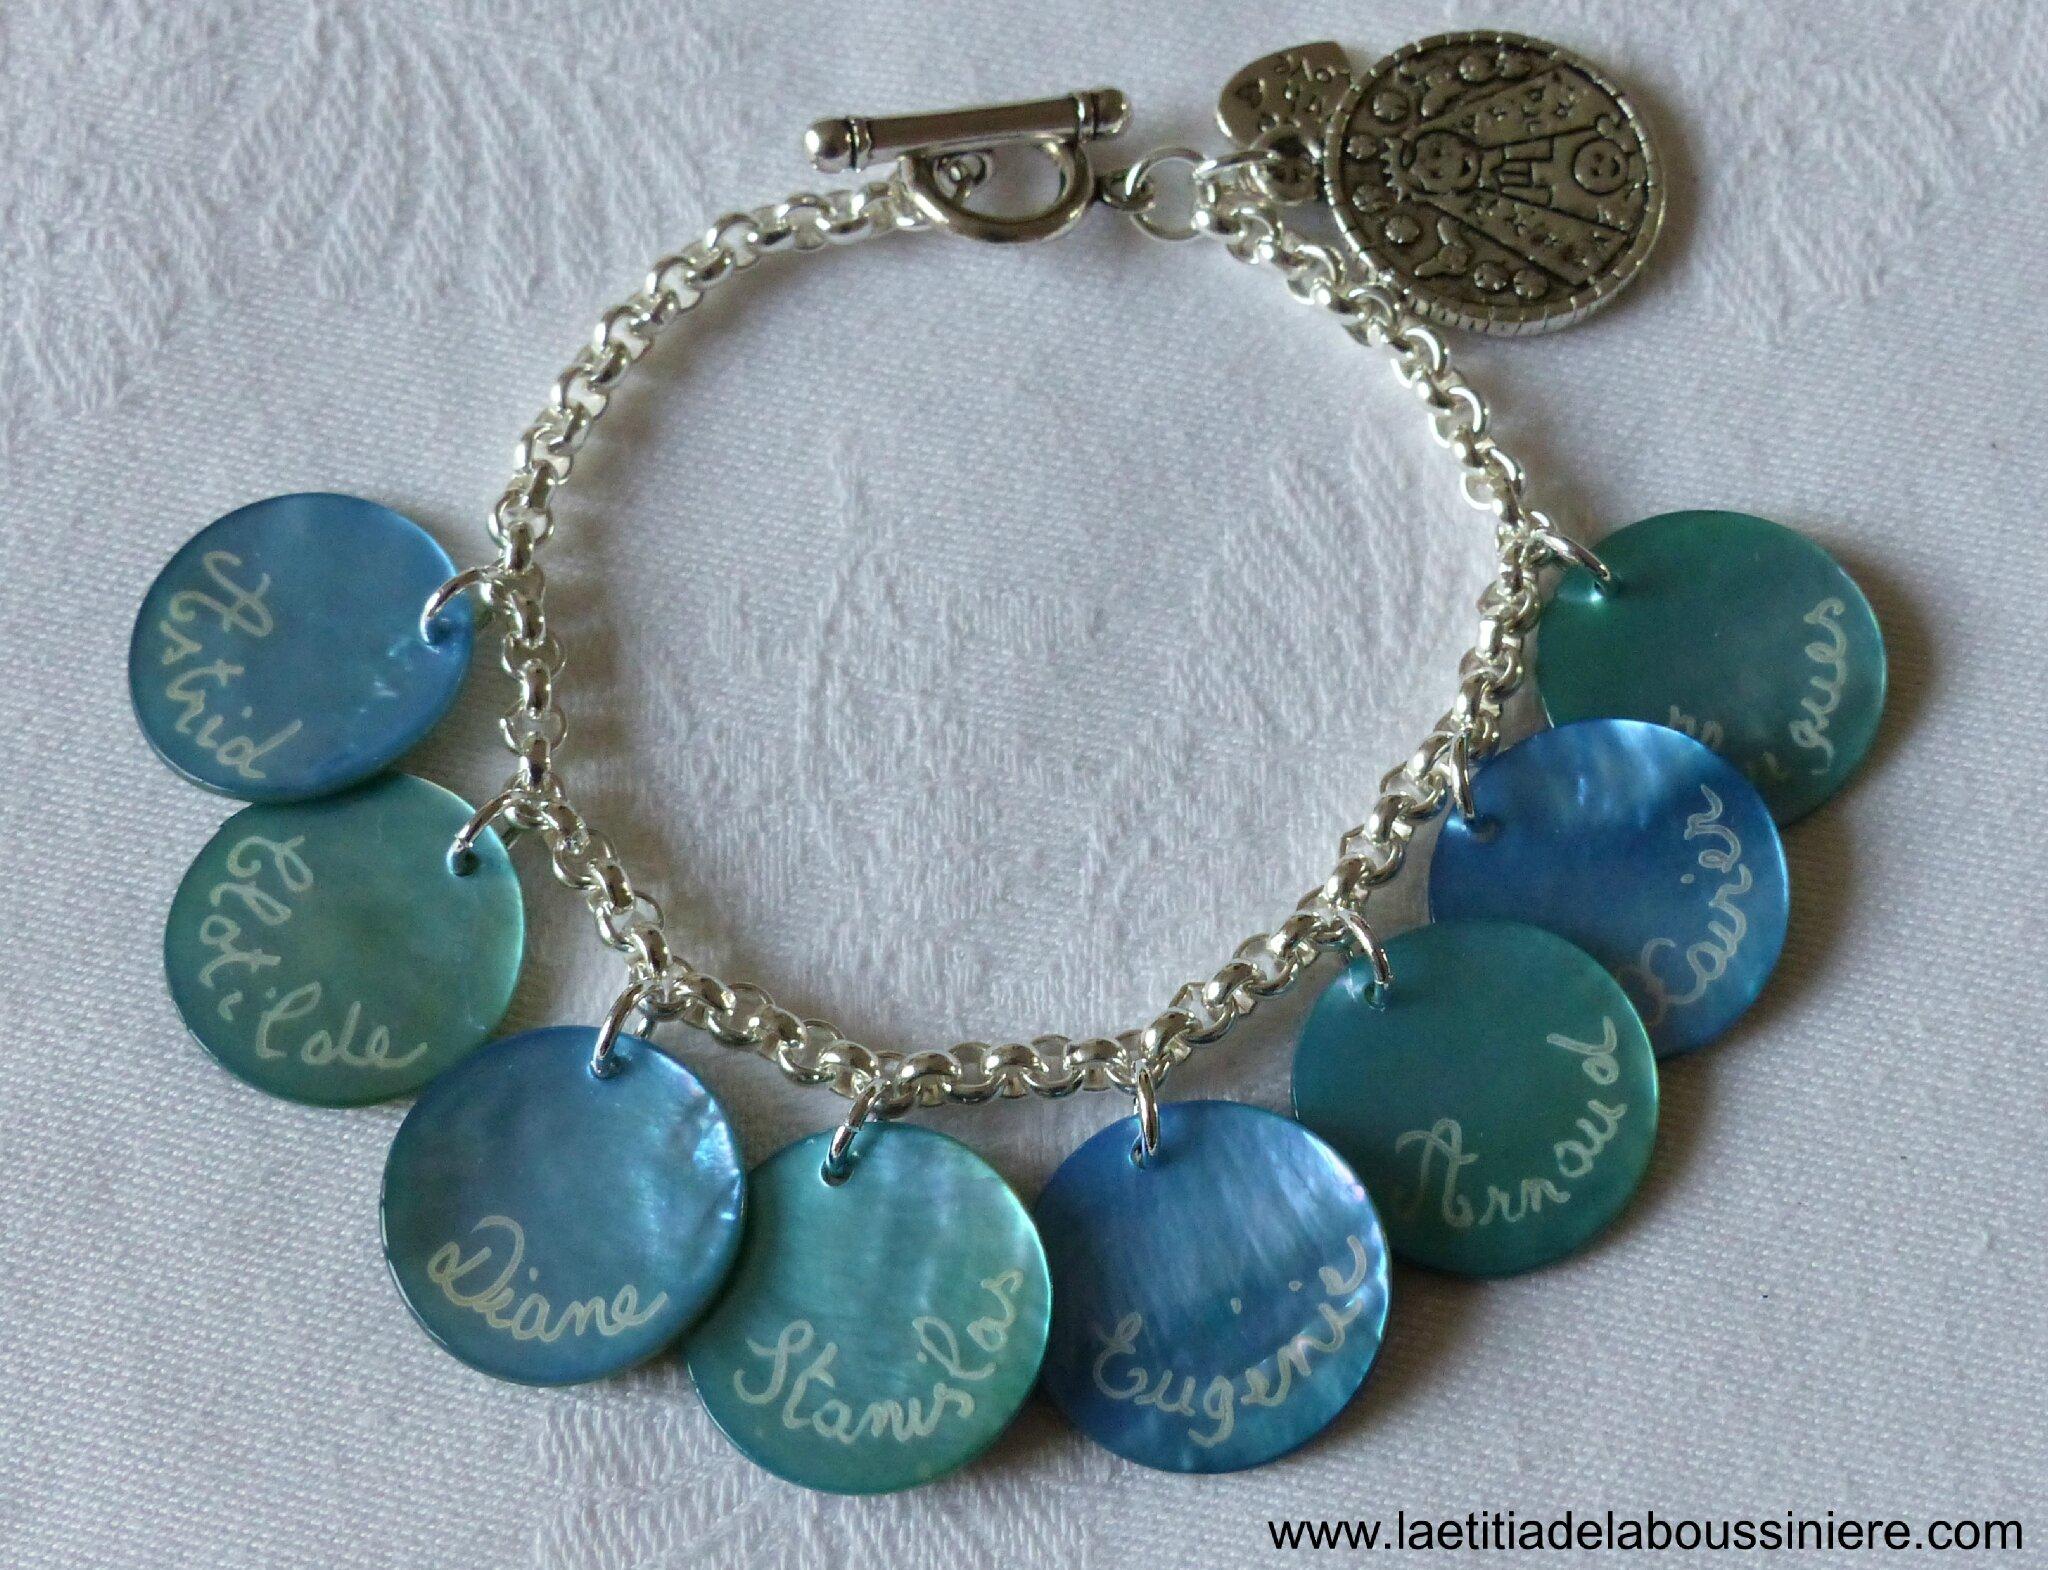 Bracelet sur chaîne métal 8 médailles en nacre gravées